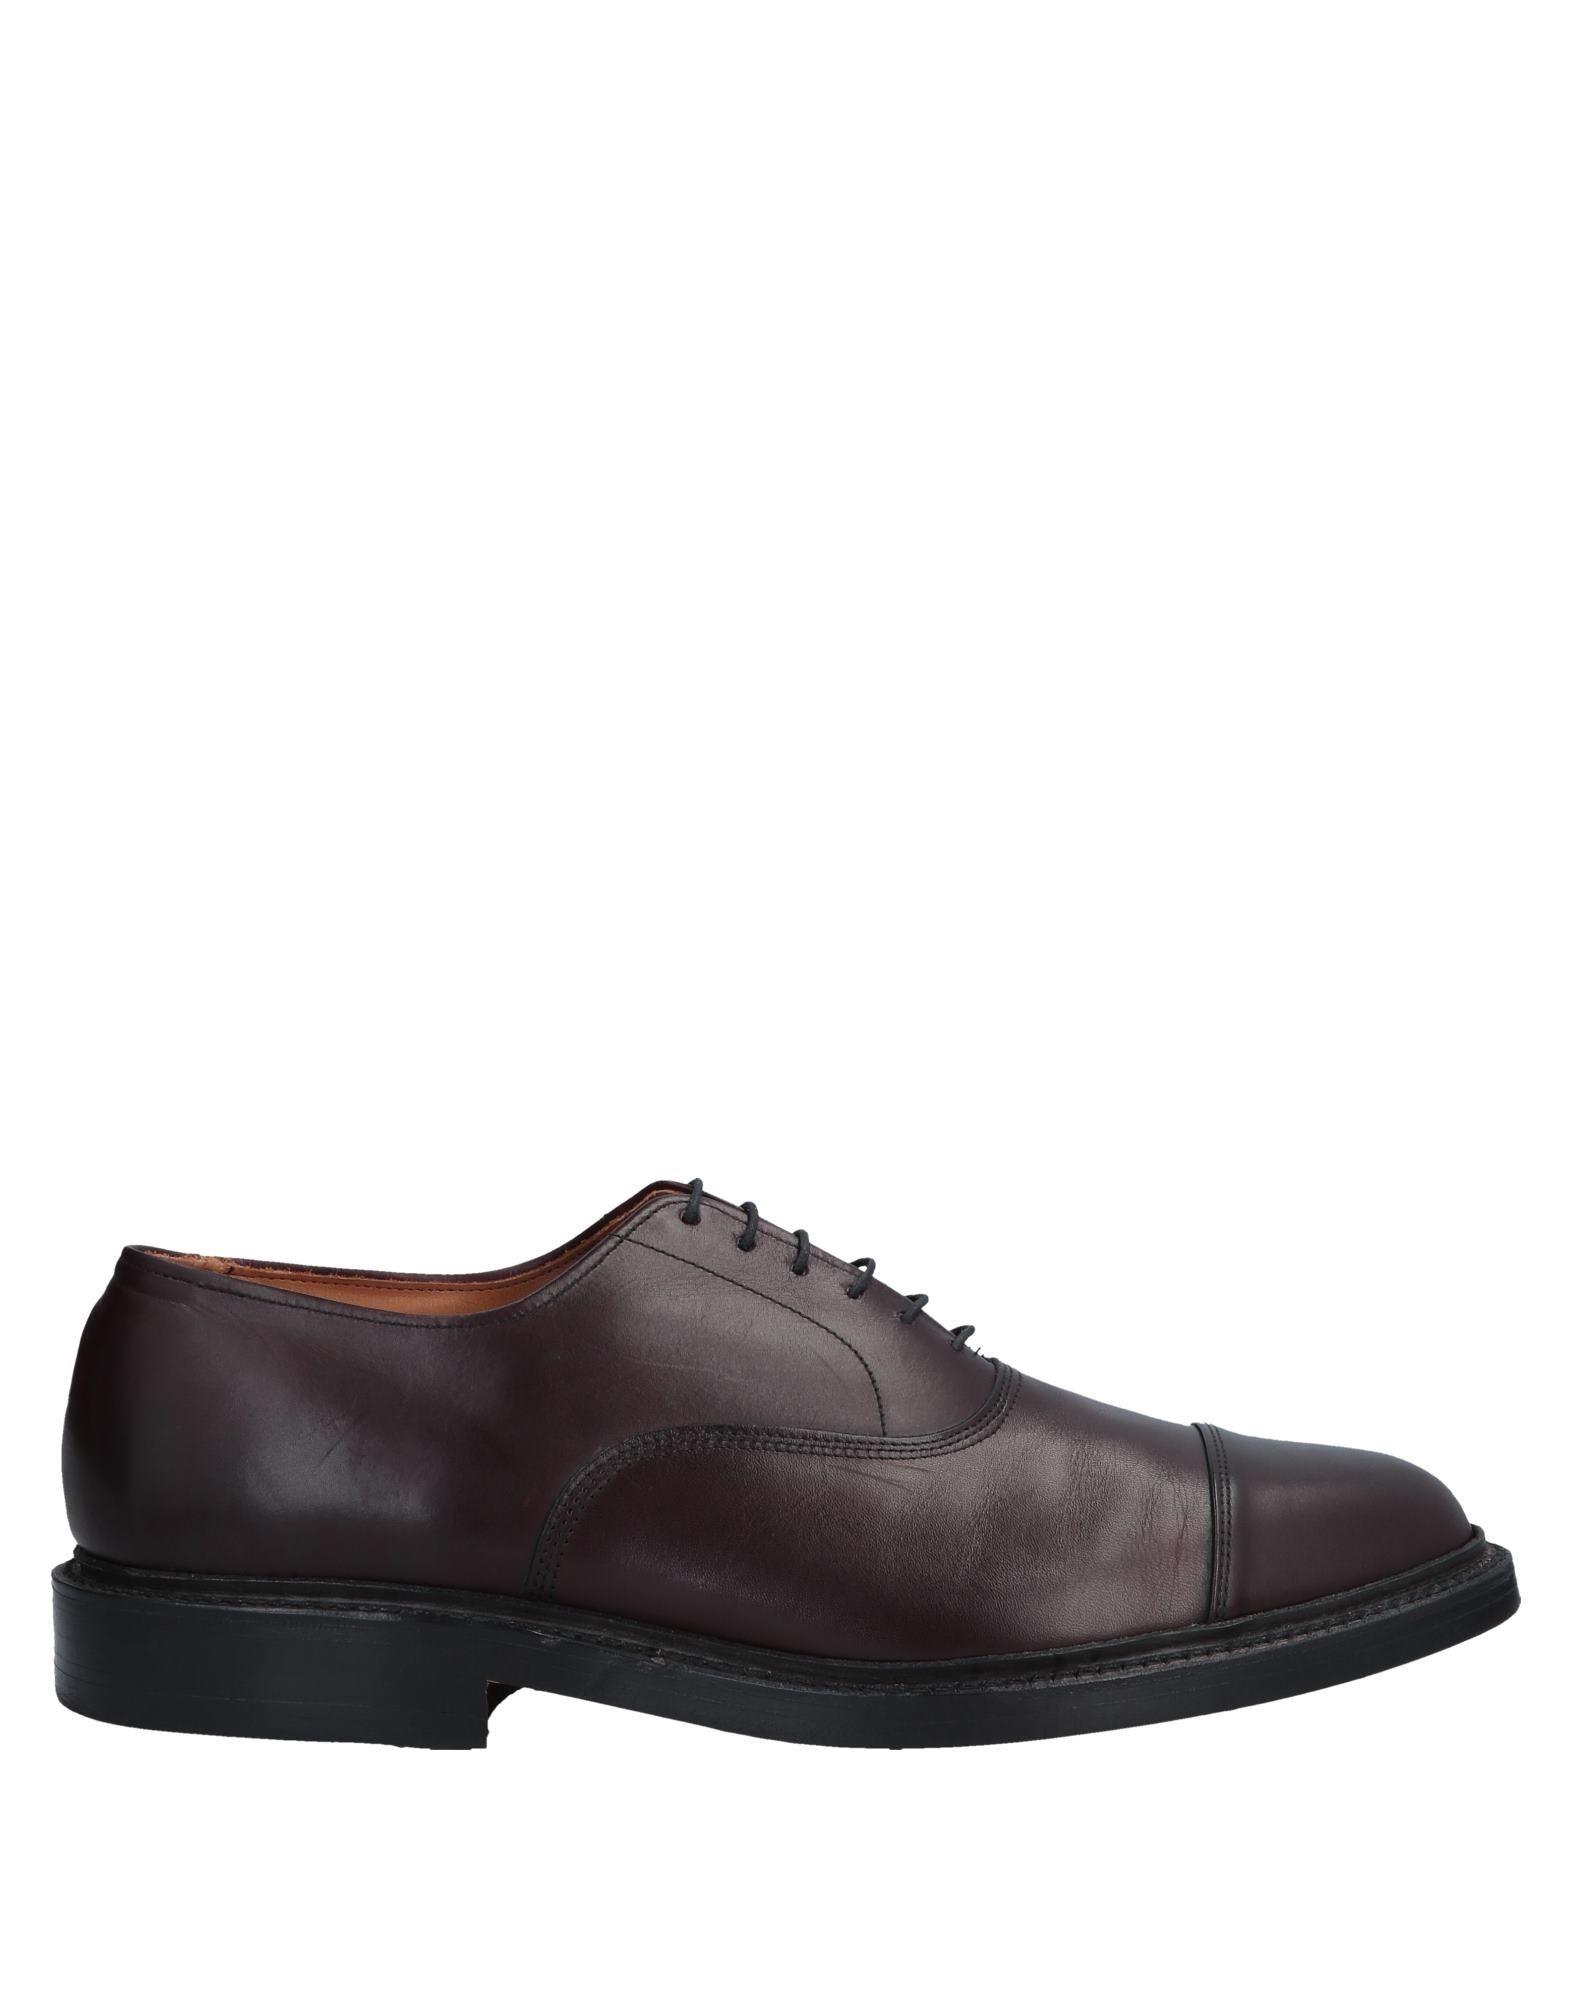 Фото - ALLEN EDMONDS Обувь на шнурках allen edmonds мокасины